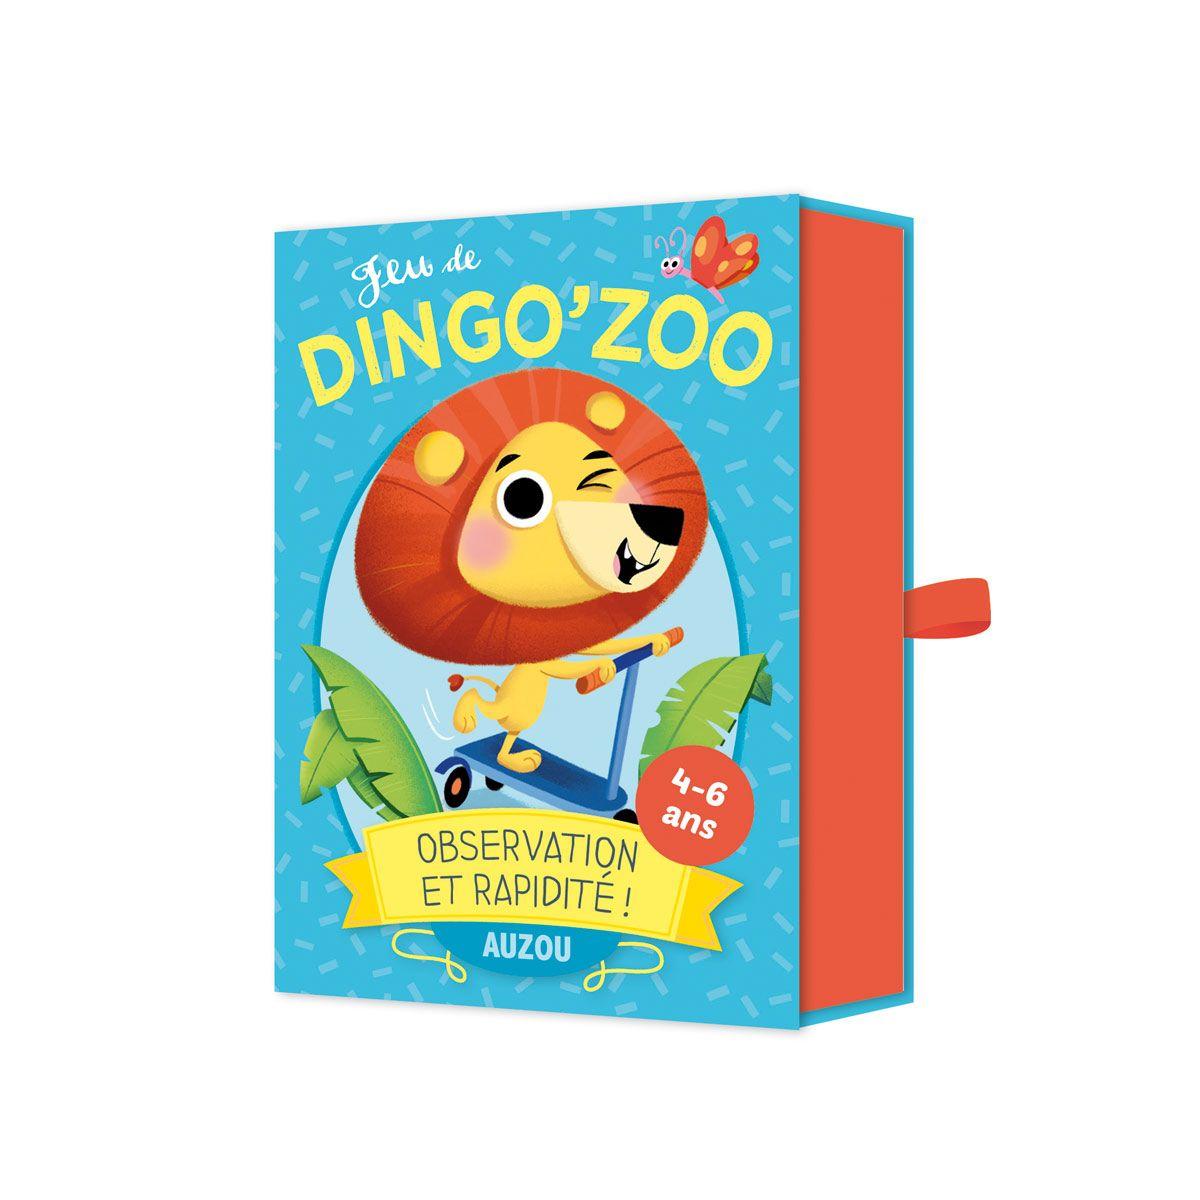 Jeu De Cartes Dingo'zoo Pour Enfant De 4 Ans À 6 Ans avec Jeux Gratuit Garçon 4 Ans